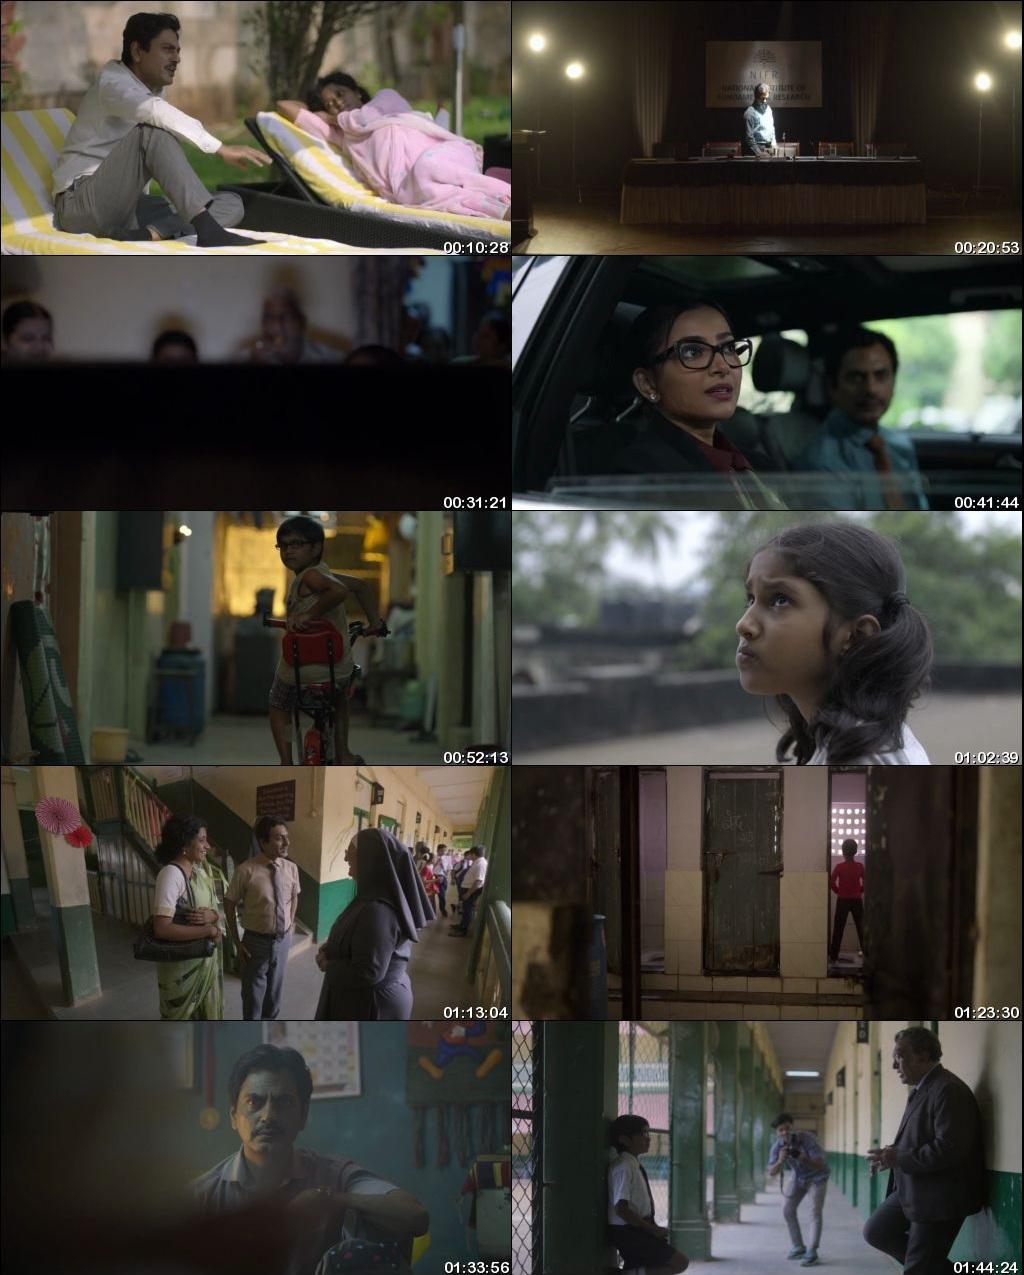 Watch Online Free Serious Men (2020) Hindi Movie Download 480p 720p